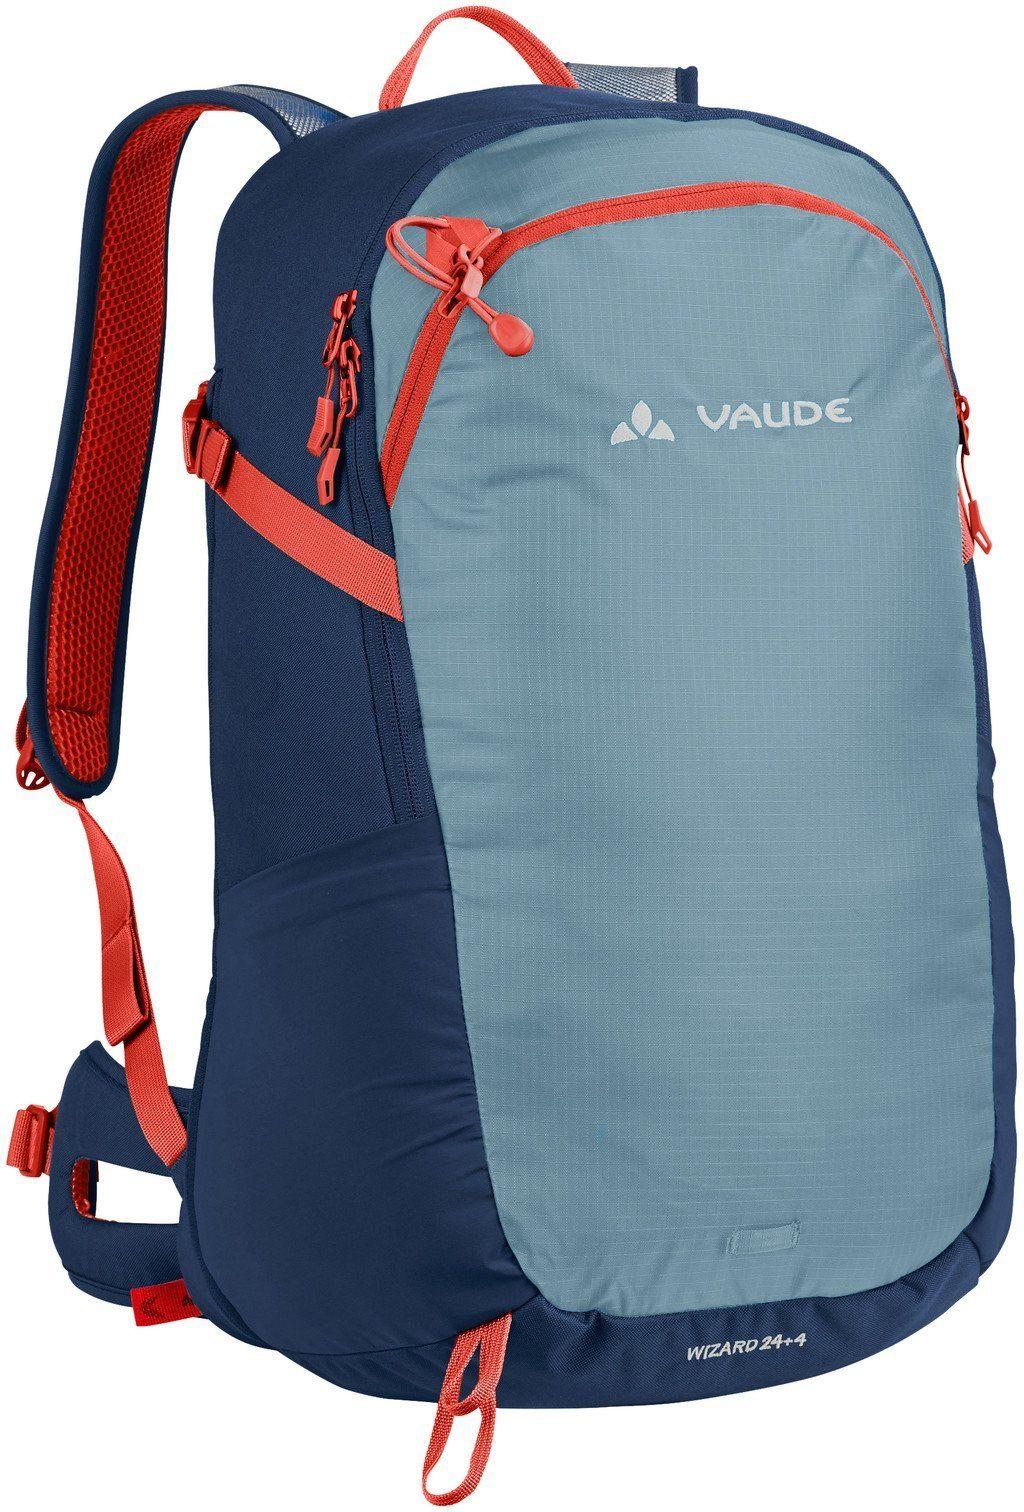 VAUDE Wanderrucksack »Wizard 24+4 Backpack«